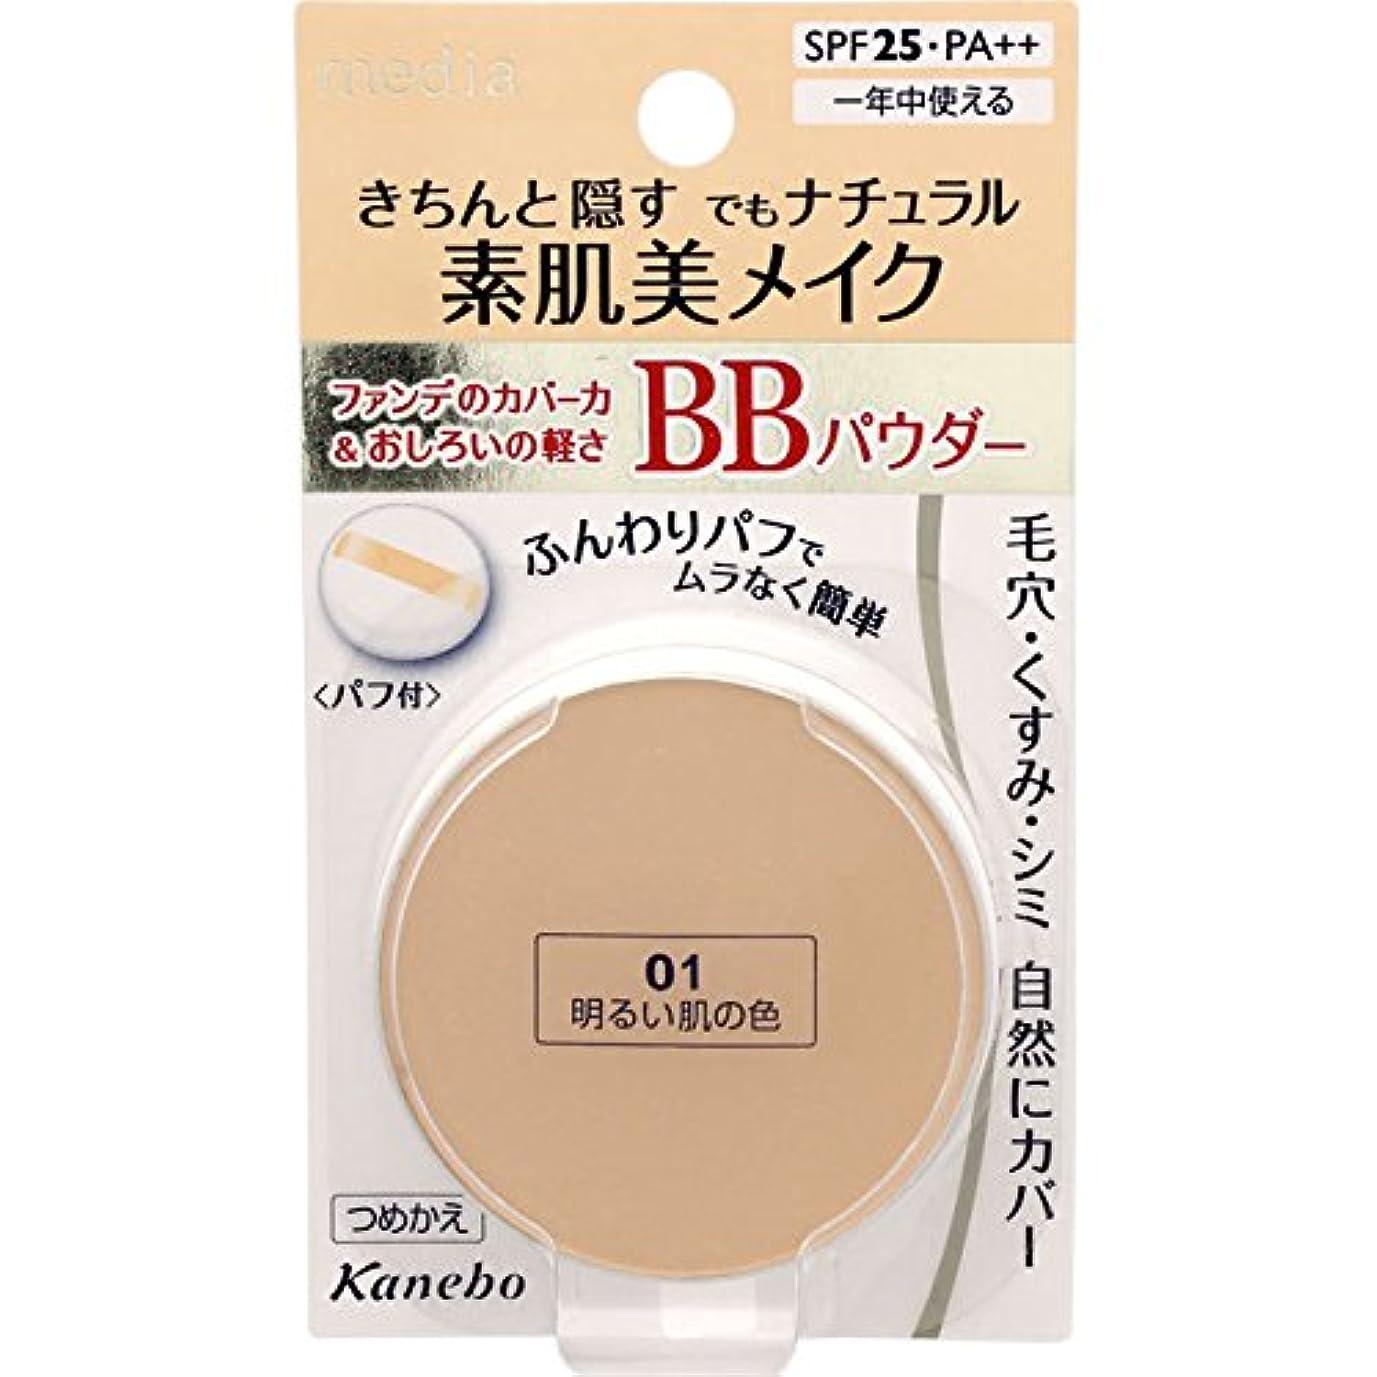 大使館エコー肌メディアBBパウダー01(明るい肌の色)×3